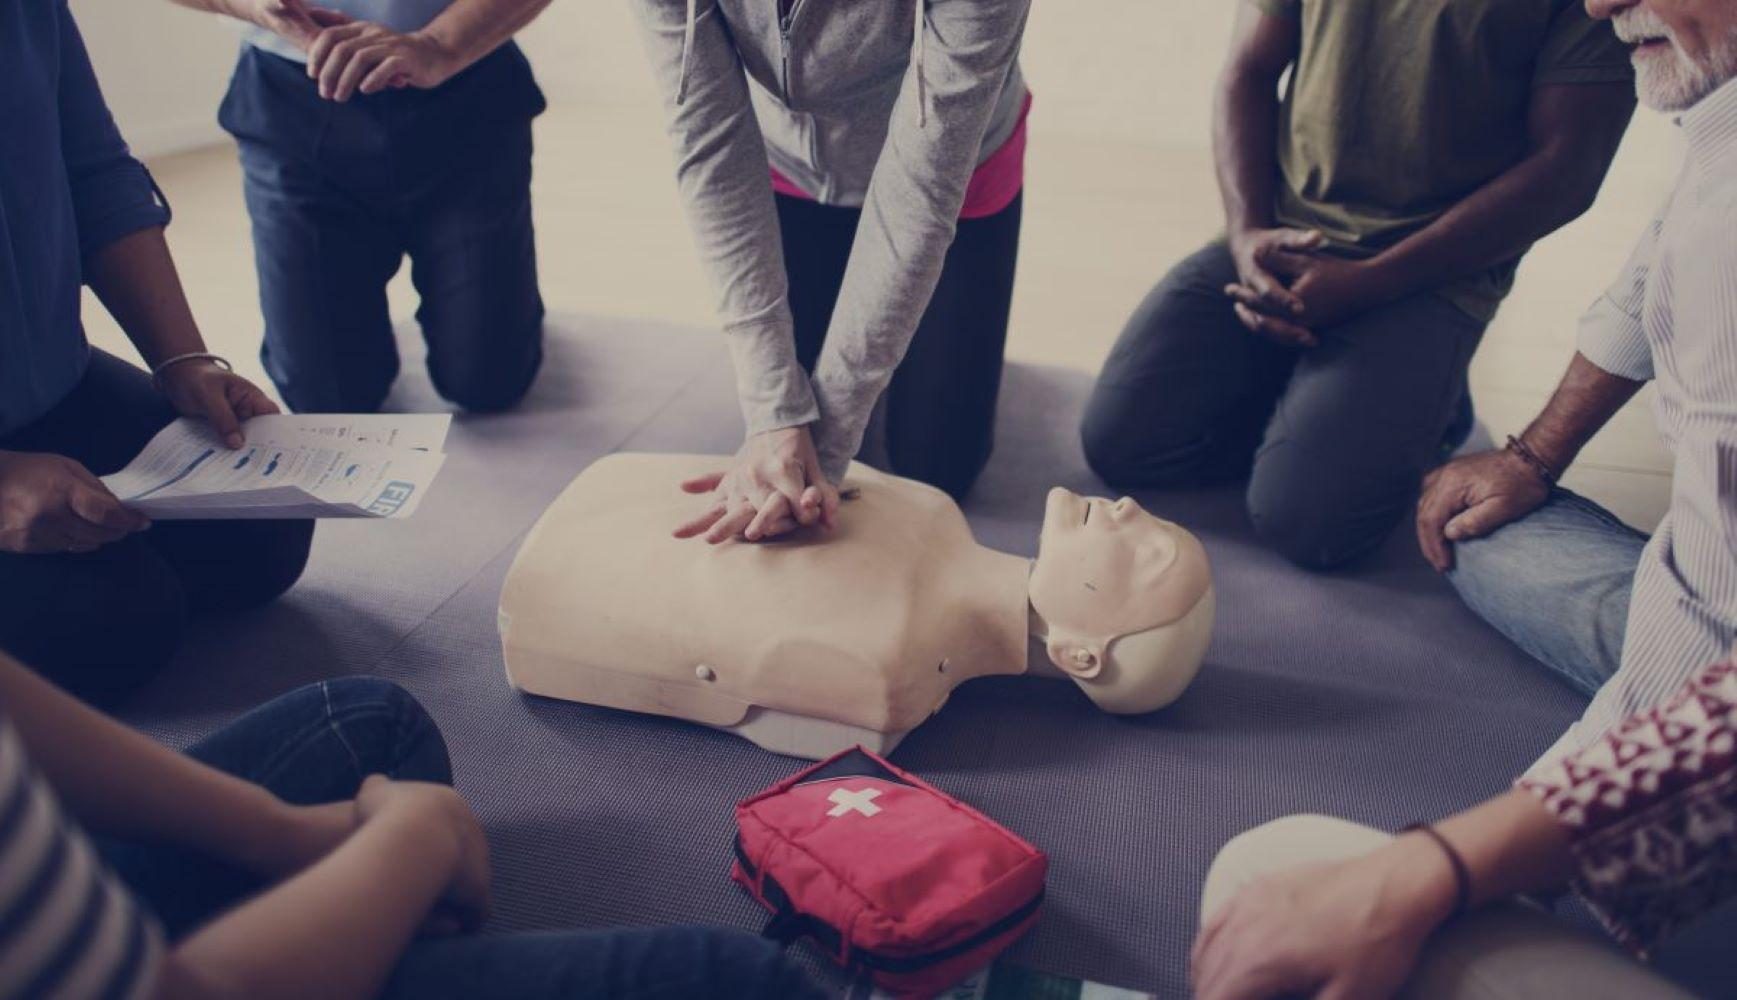 Pierwsza pomoc – gdzie nauczyć się jej udzielania?